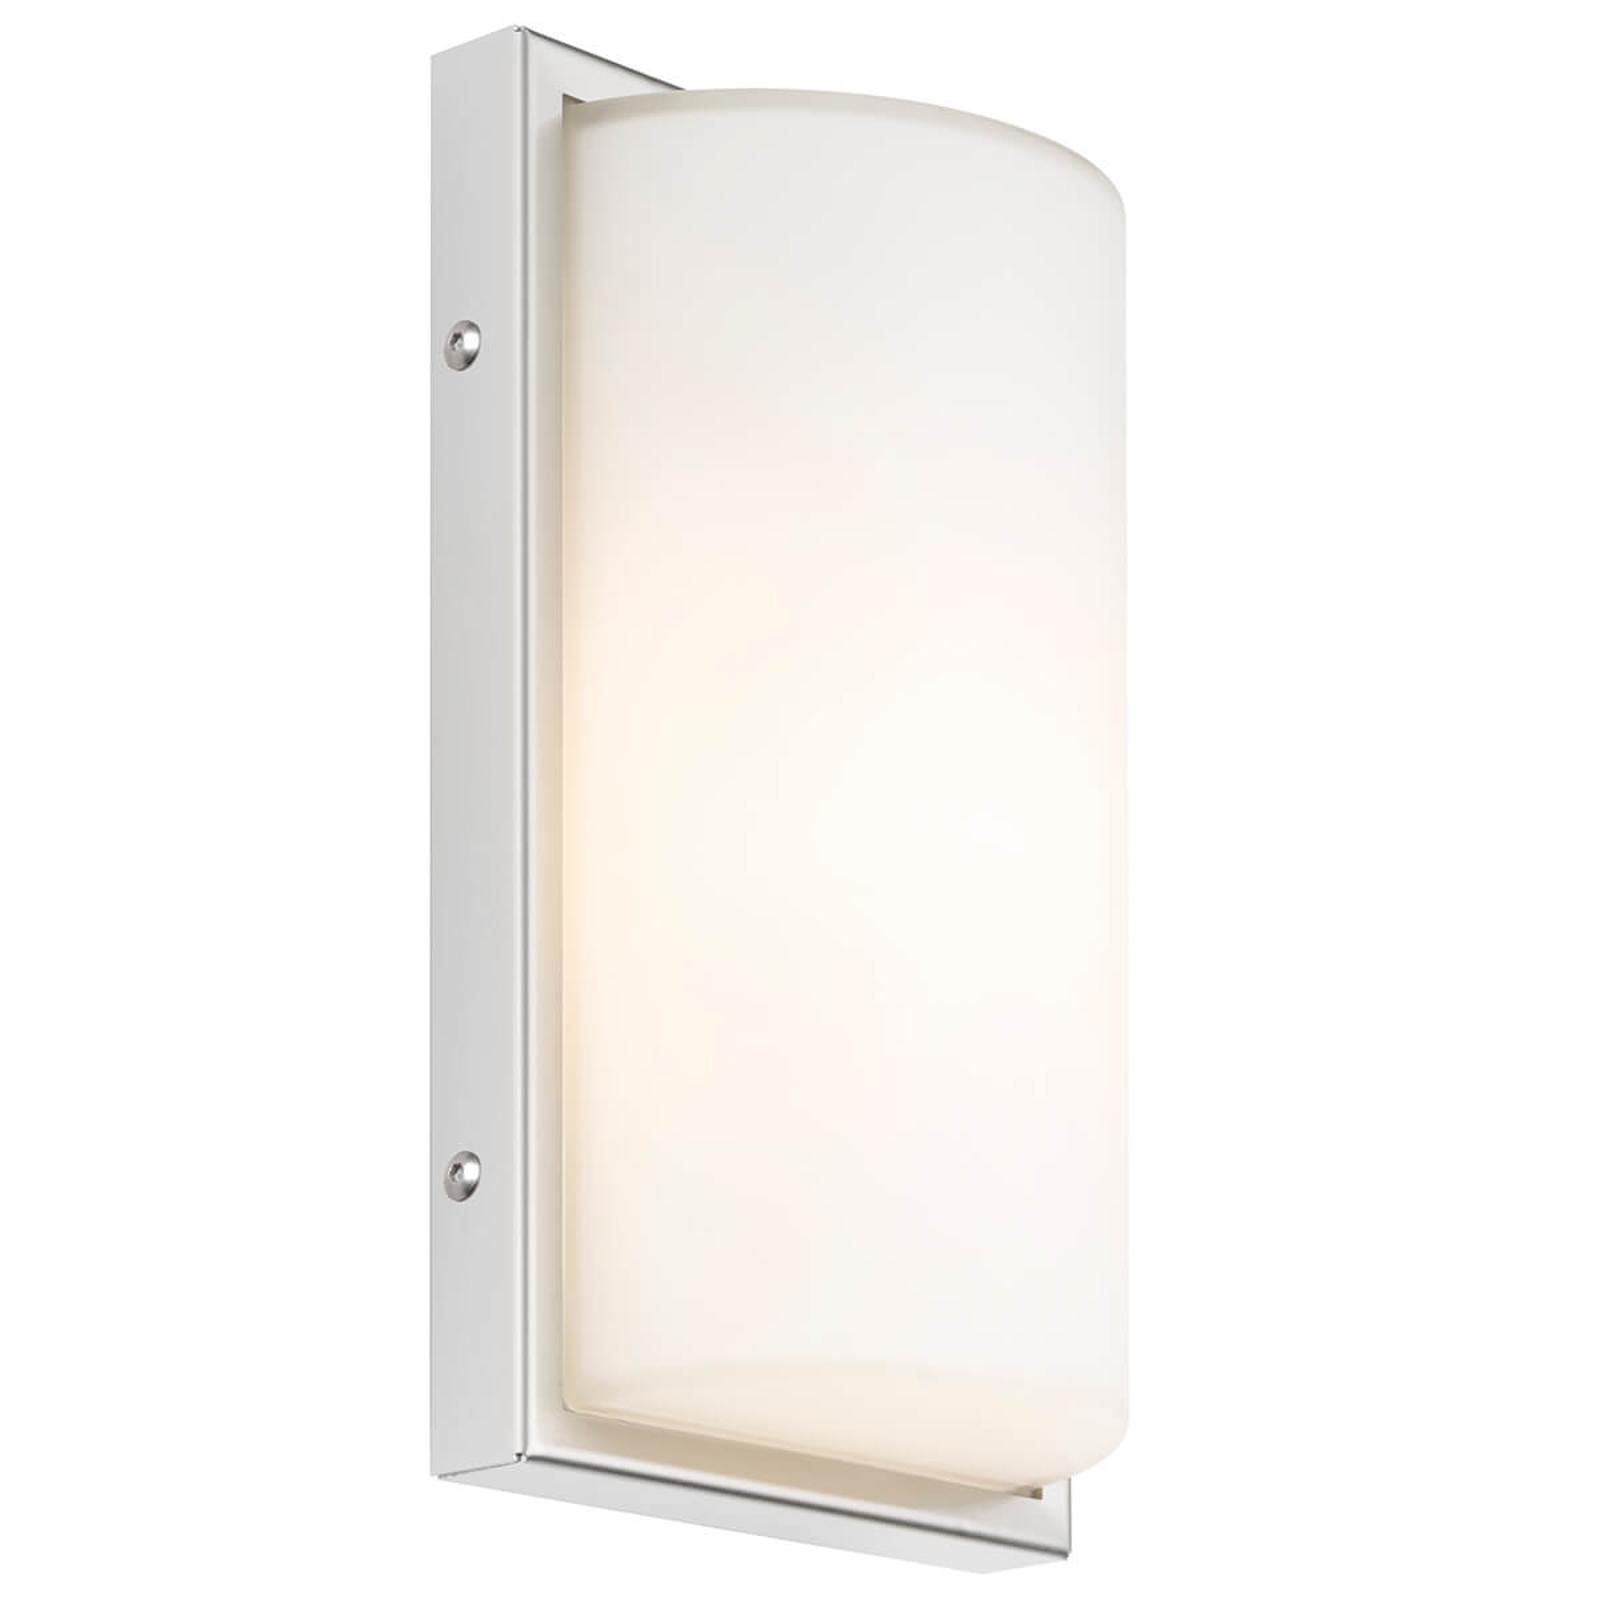 Kinkiet zewnętrzny LED 040 z czujnikiem, biały